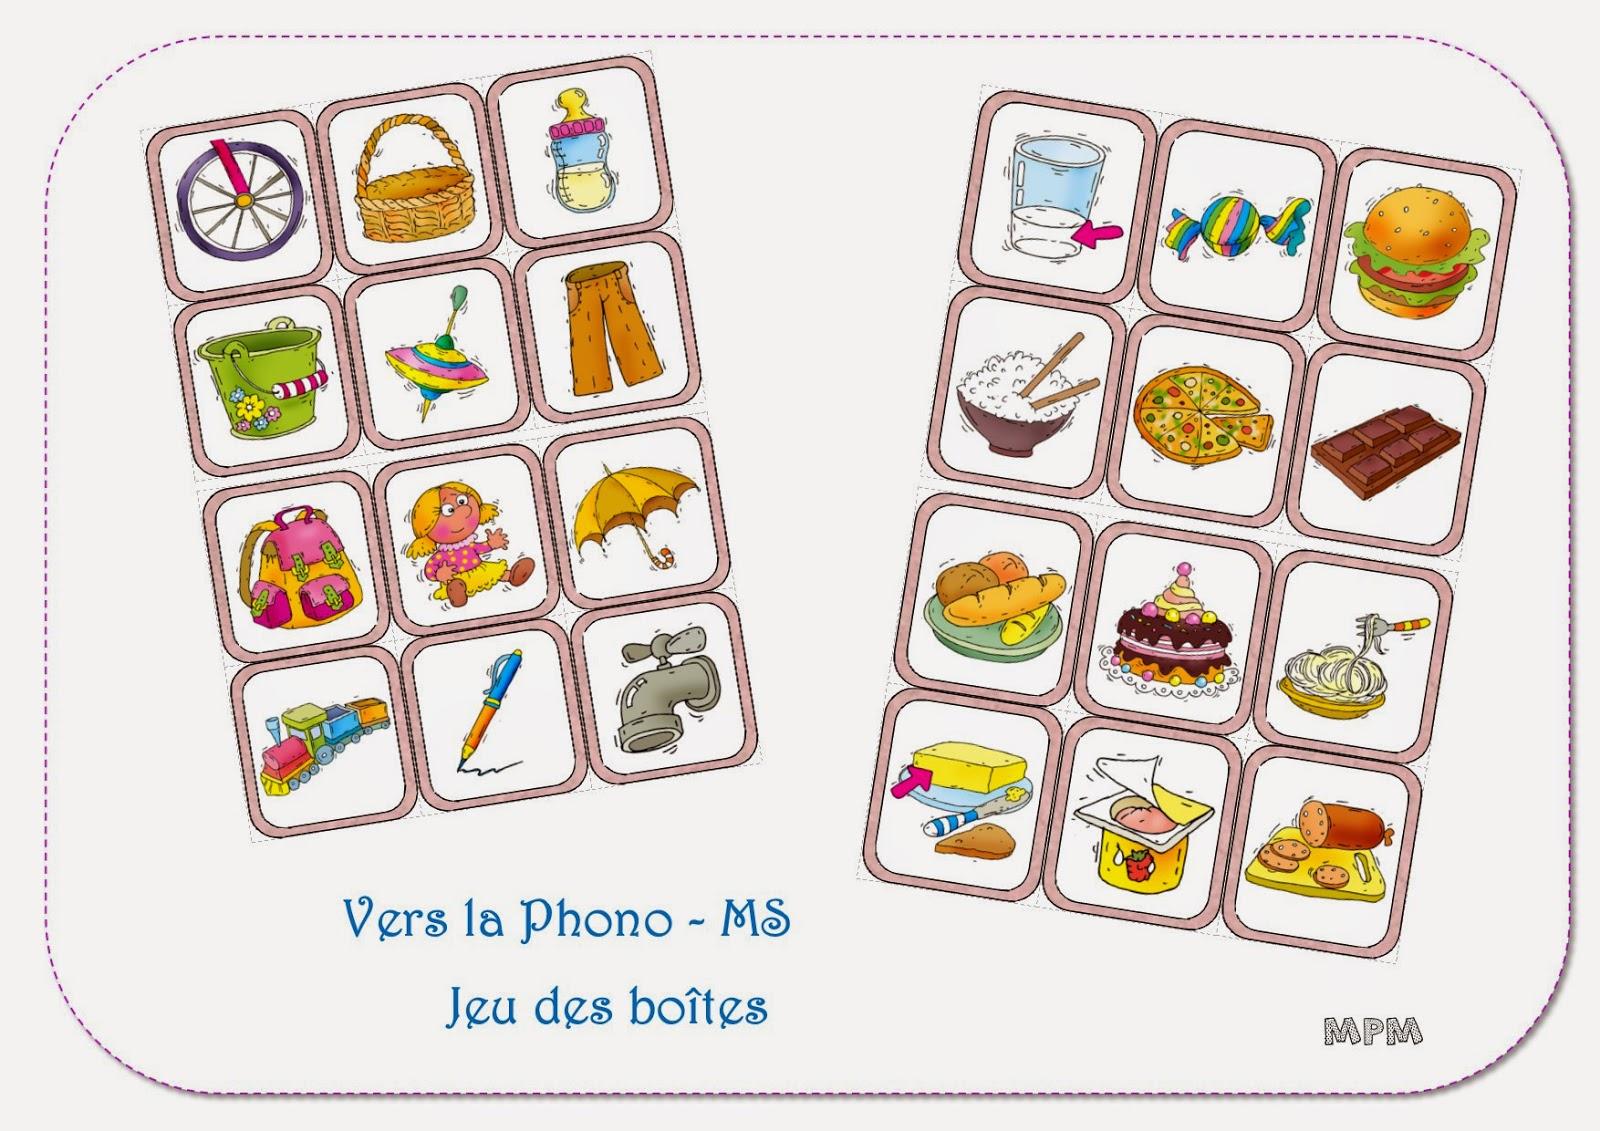 Phonolgie MS - imagier des aliments et objets